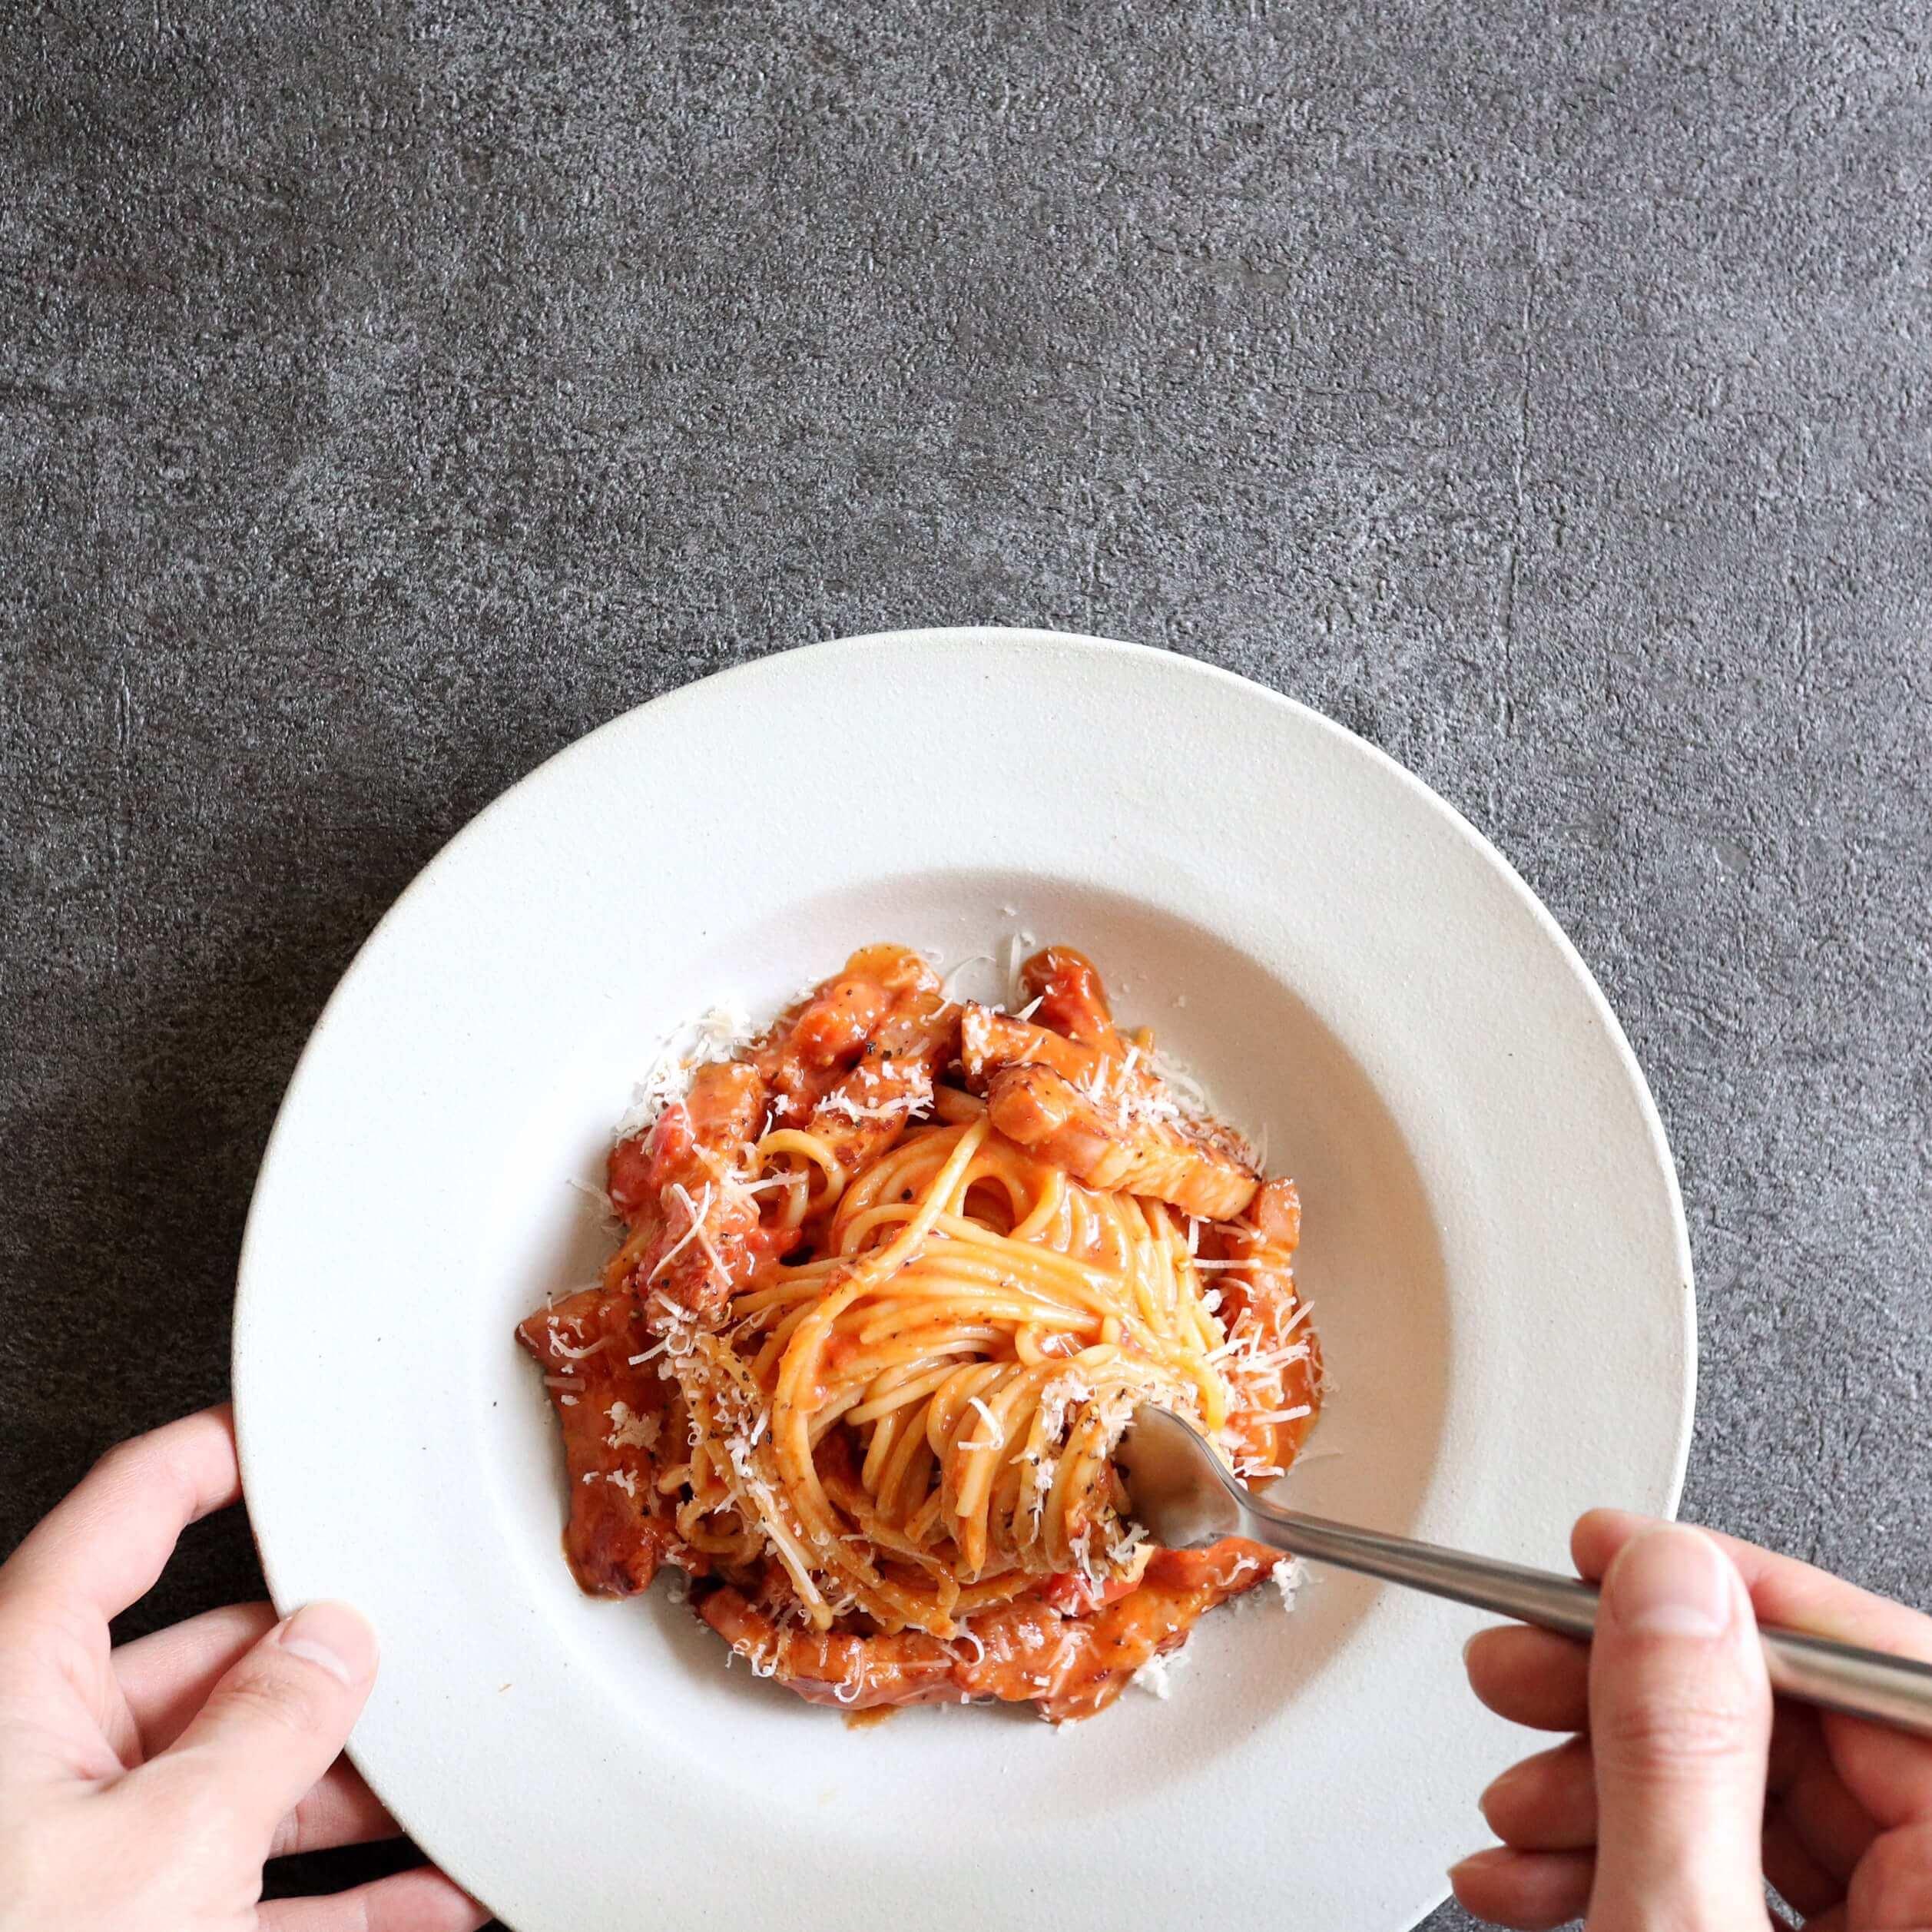 【魅惑の美味しさ!】トマトカルボナーラのレシピ